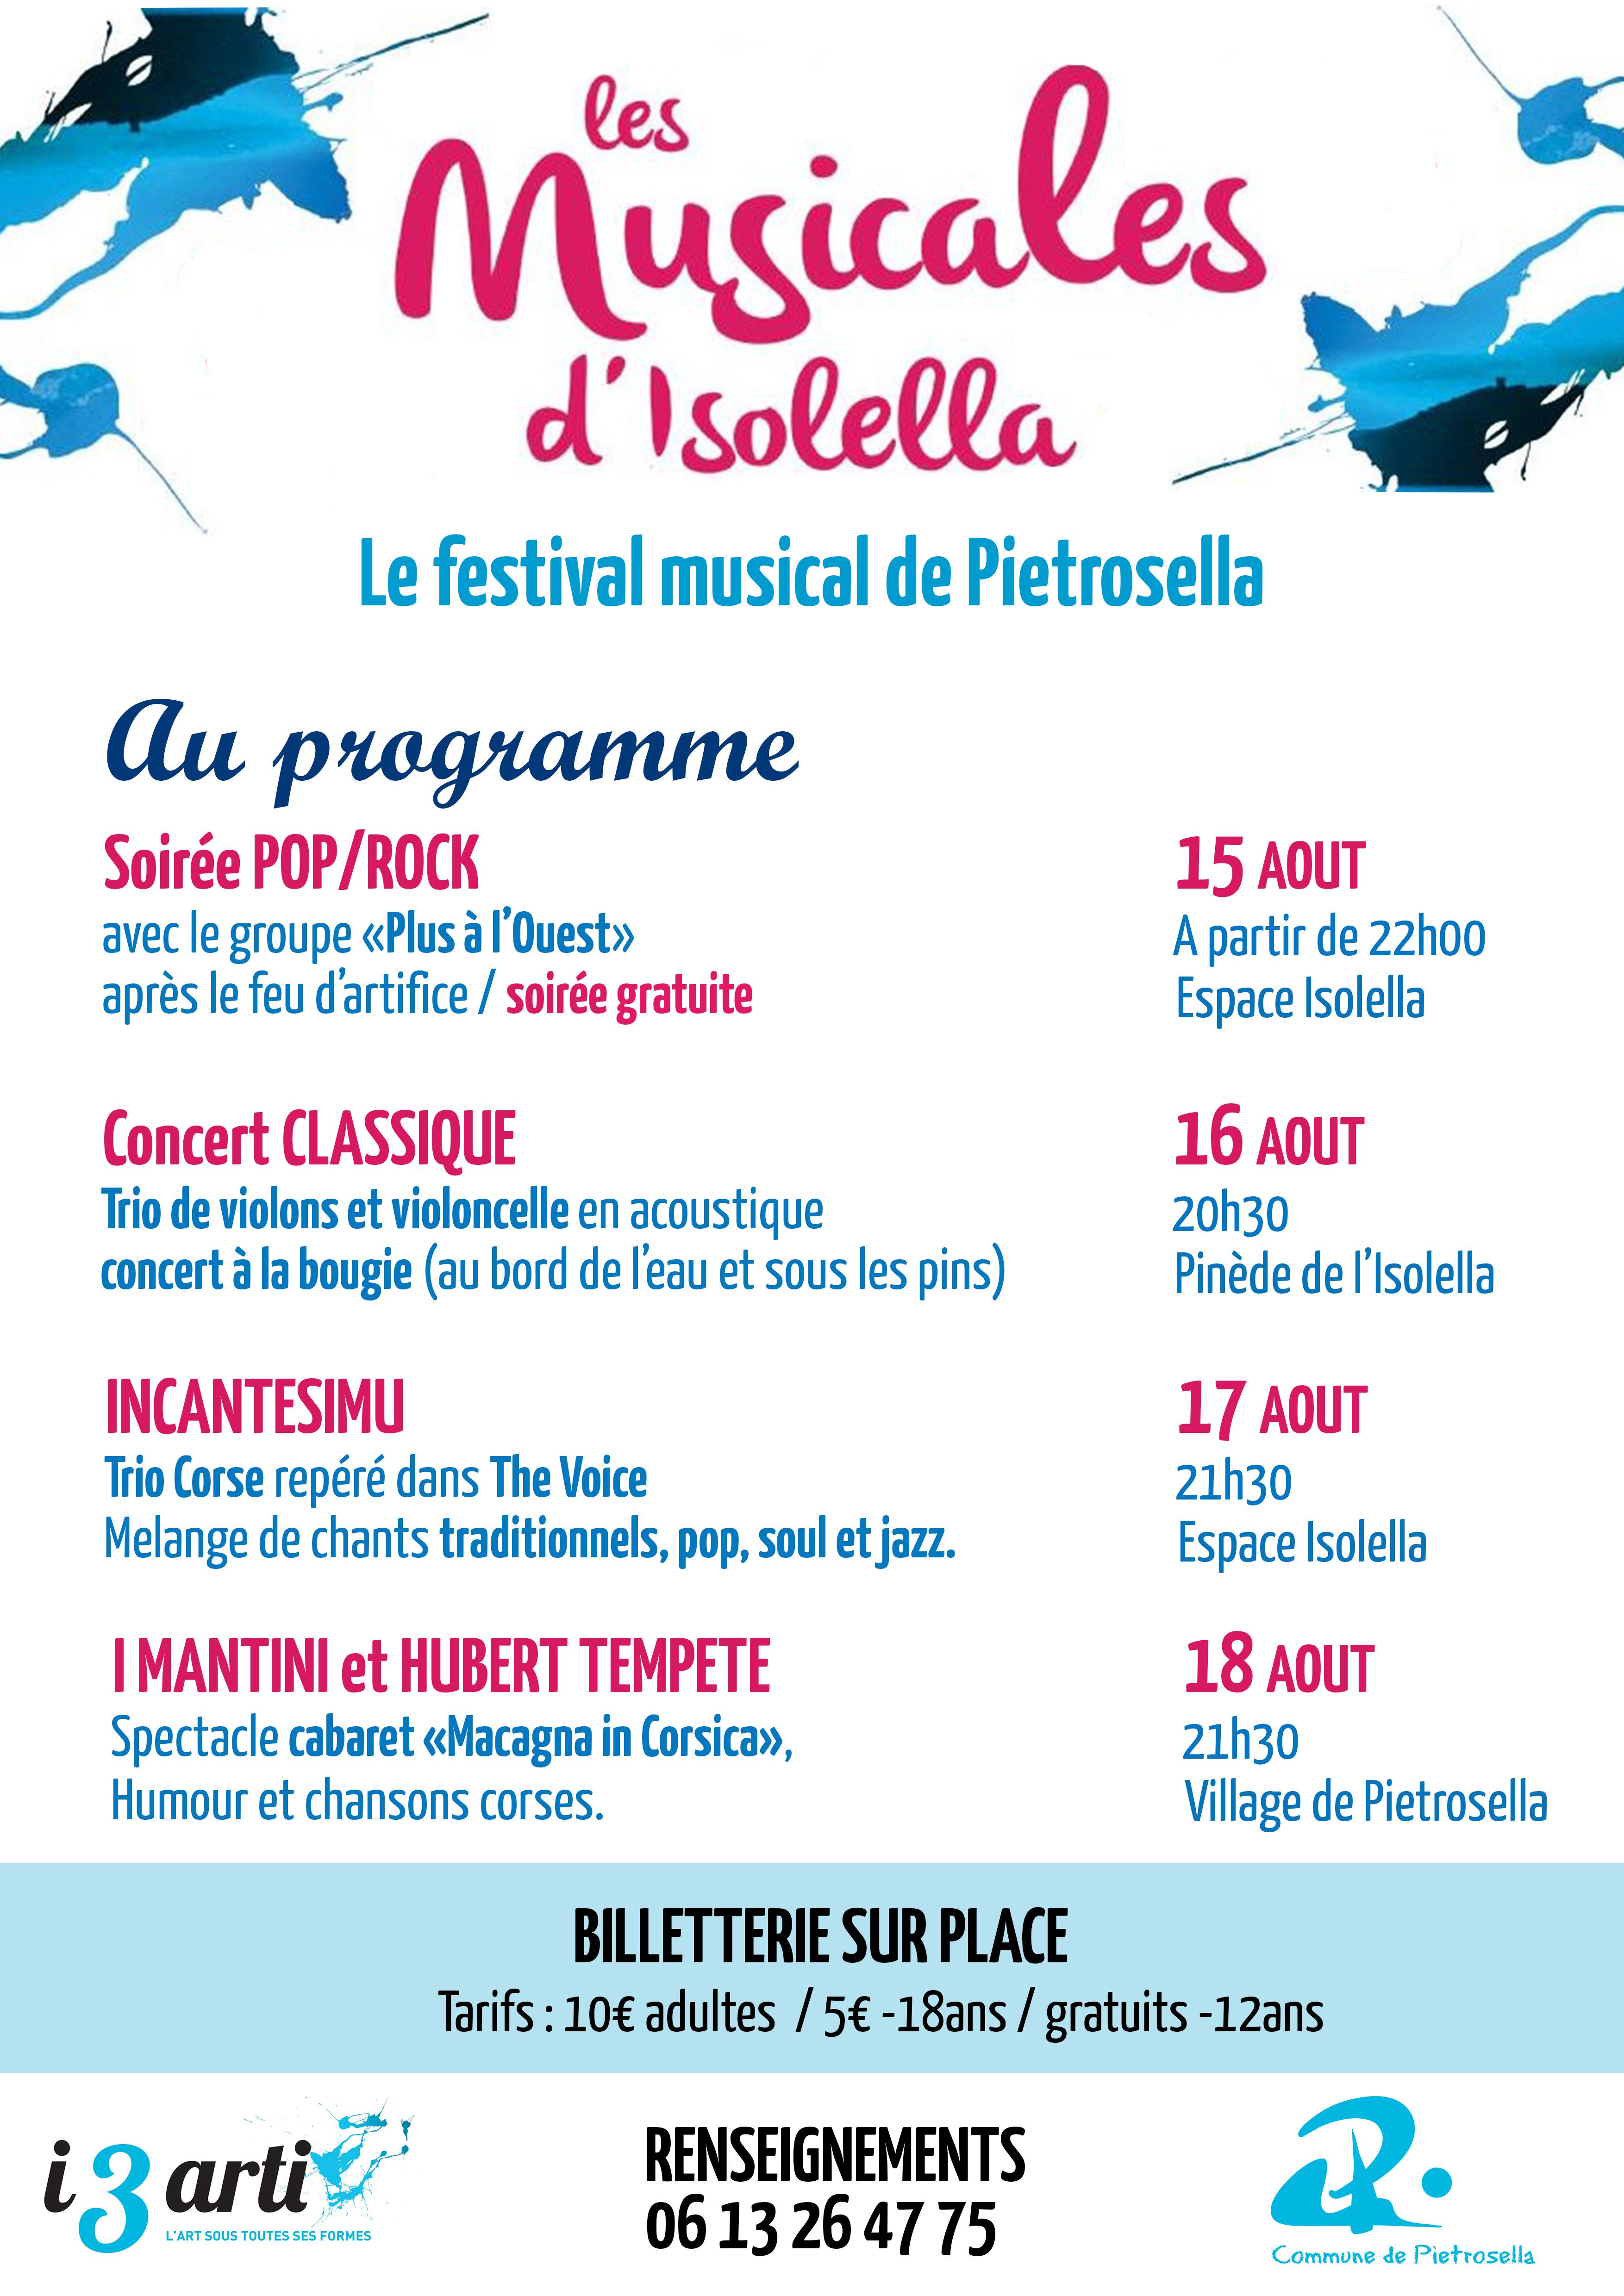 Les Musicales de L'Isolella : découvrez le programme